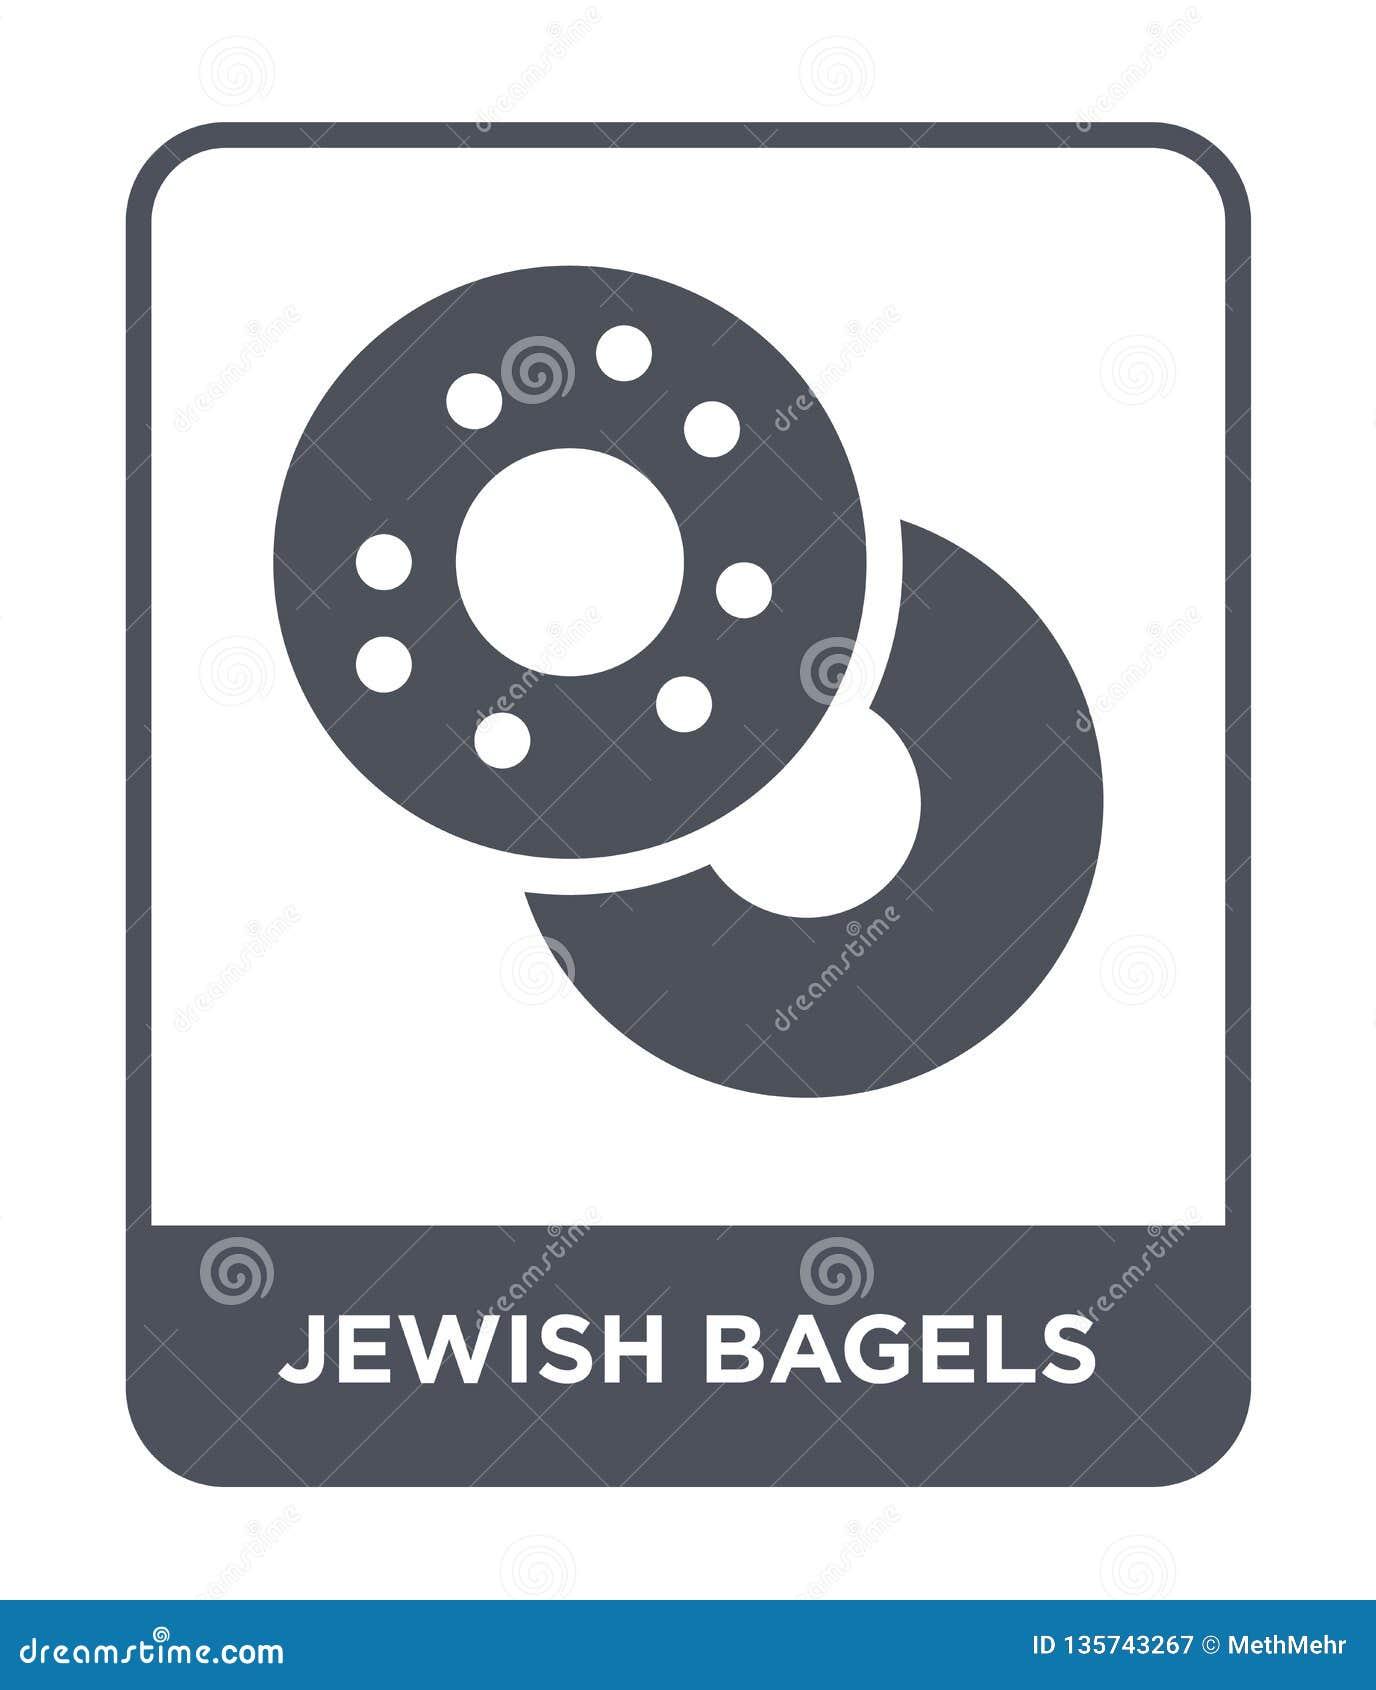 еврейский значок бейгл в ультрамодном стиле дизайна еврейский значок бейгл изолированный на белой предпосылке еврейский значок ве